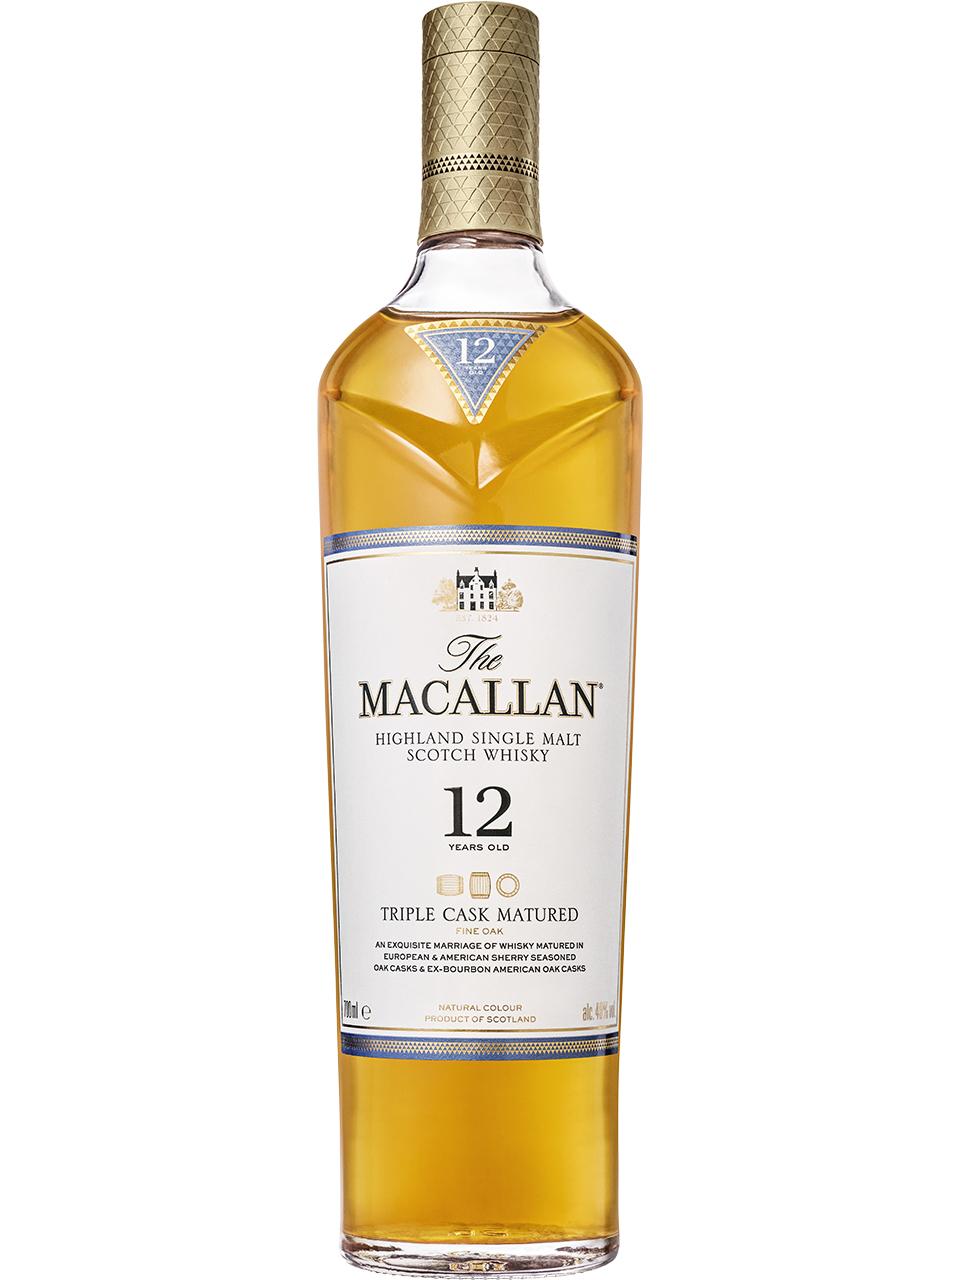 The Macallan Triple Cask 12 YO Single Malt Scotch